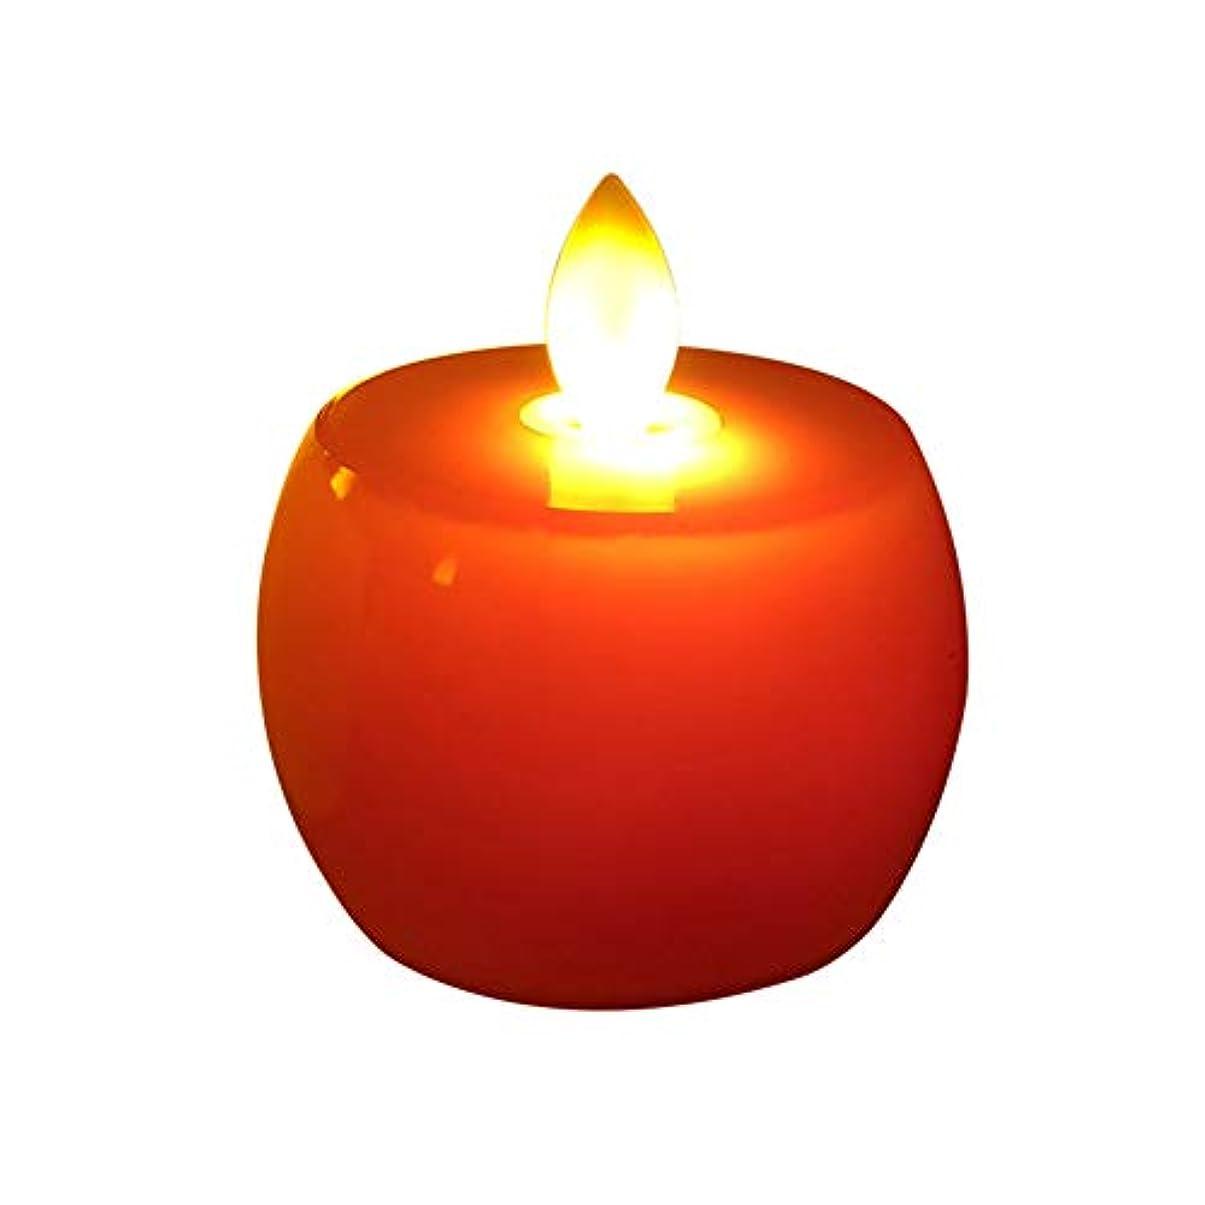 付与ラリーベルモント申し立てる2つの作品は、クリスマスのリンゴは、電子キャンドル、ショー家の装飾のギフトの小さな贈り物、驚きのレイアウト創造的なキャンドルライトを導きました